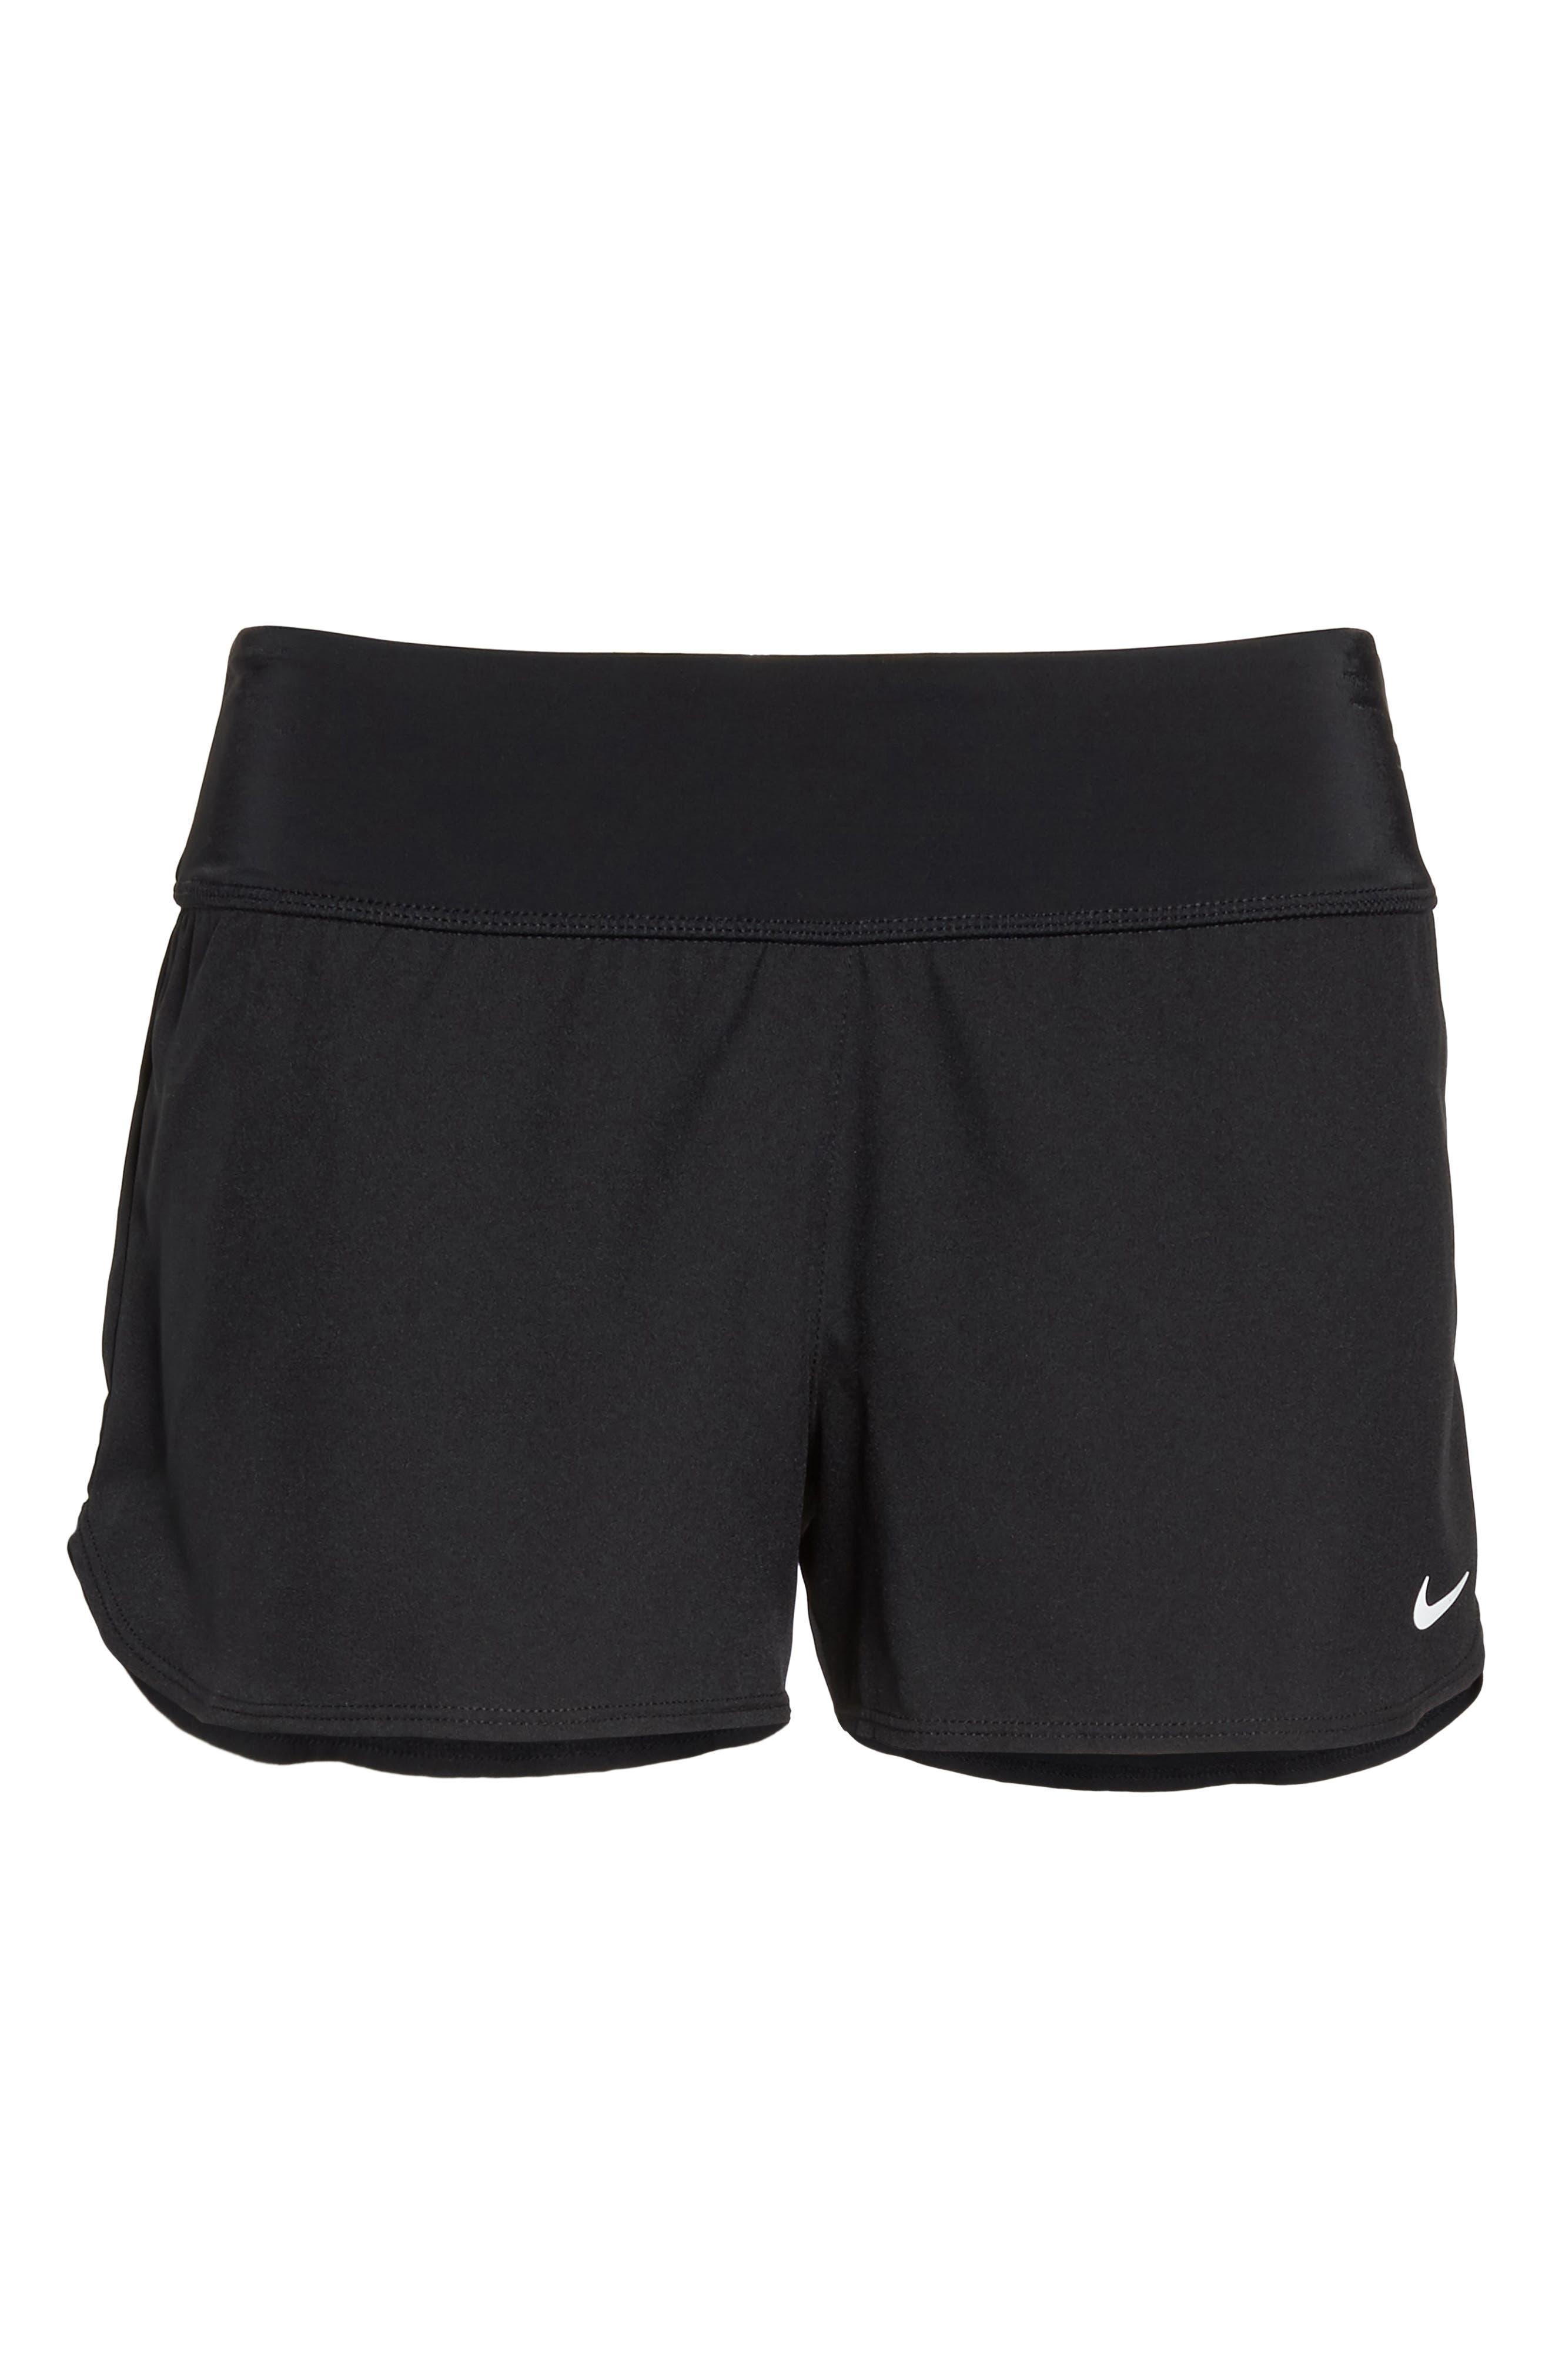 Swim Board Shorts,                             Alternate thumbnail 6, color,                             Black